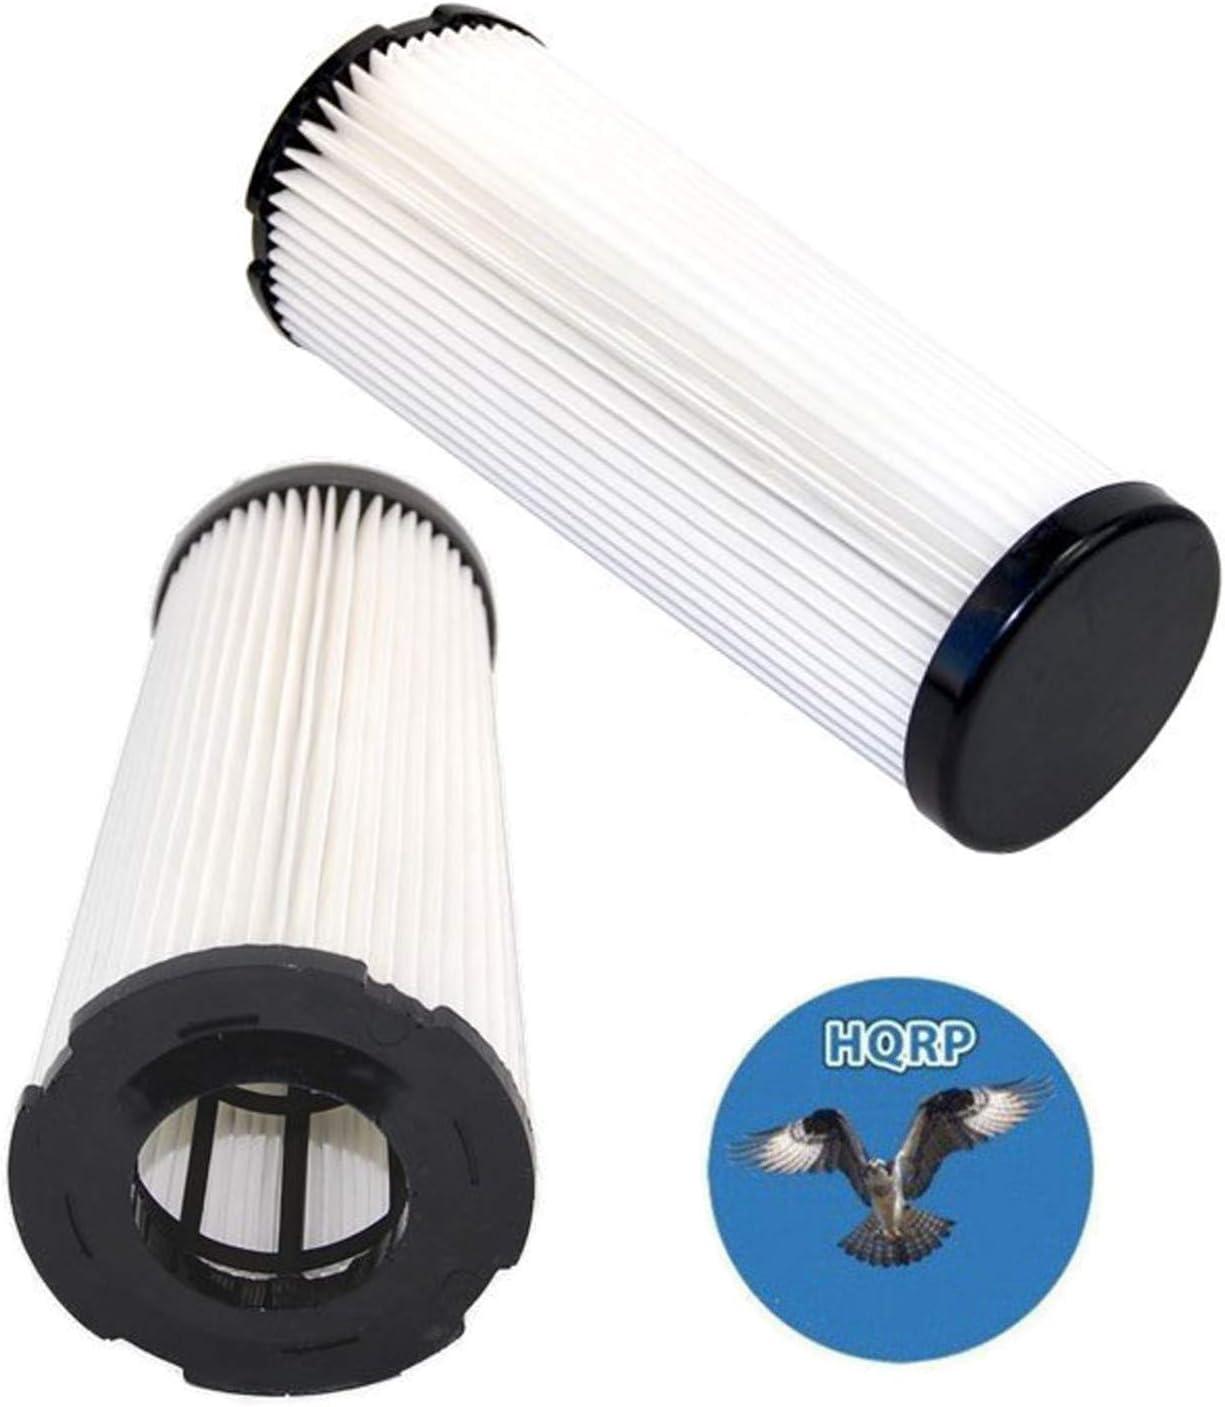 HQRP 2-Pack Filter for Dirt Devil M086700 086700 M086700W 086700W M086700WCA 086700WCA Vision Wide Glide, M086930 086930 M086930CA 086930CA Vision Bagless Upright Plum Vac Vacuum Cleaner + Coaster